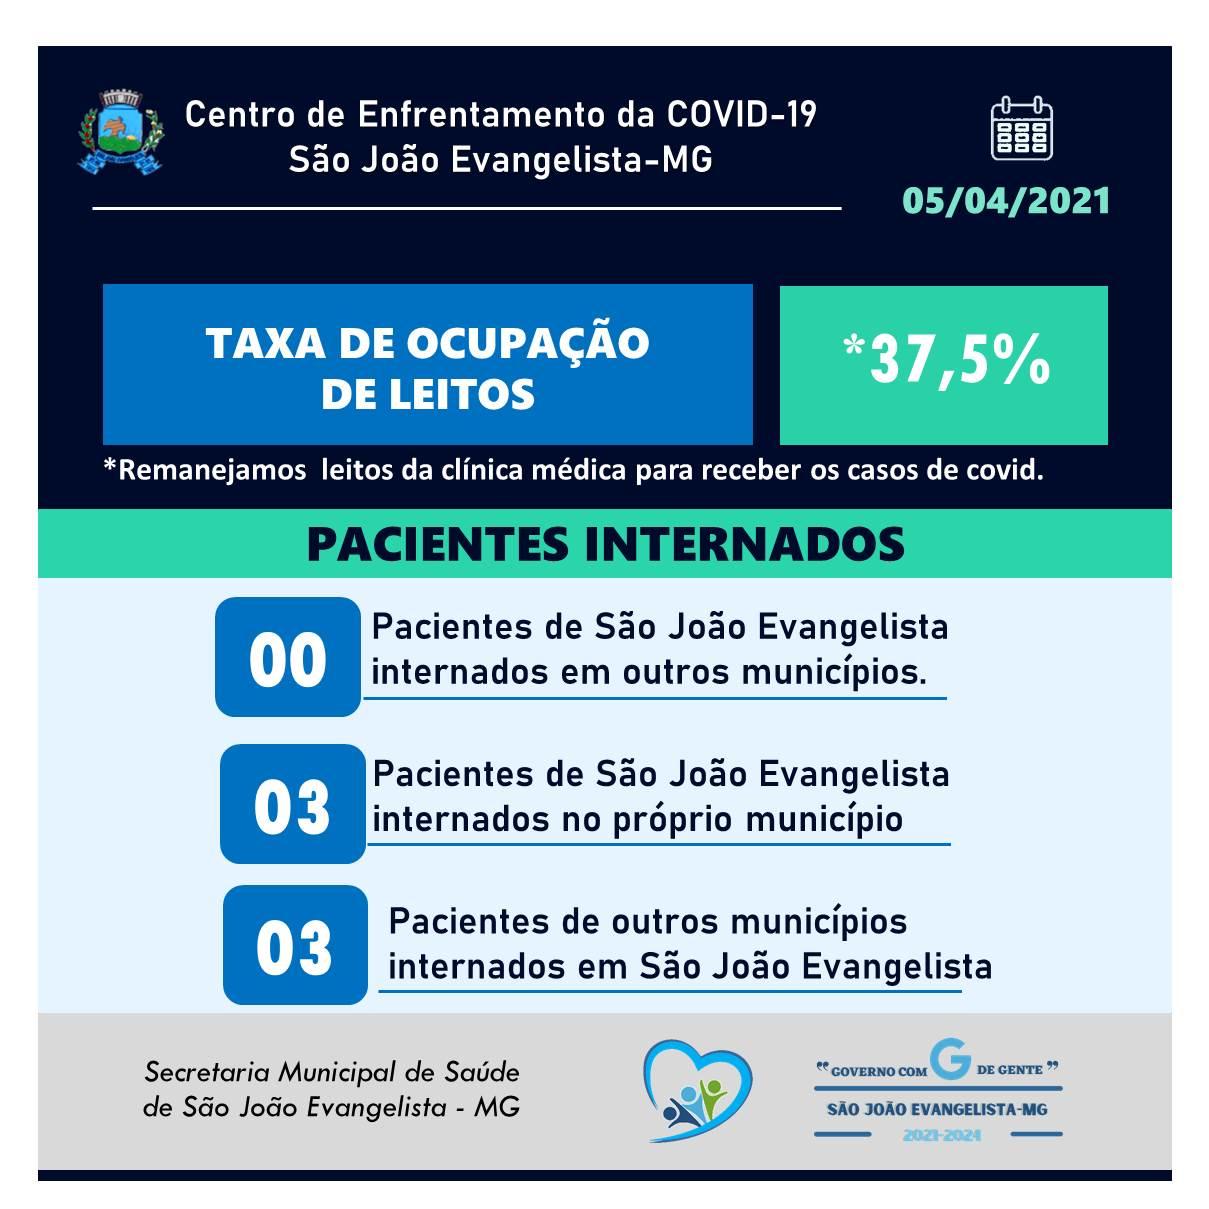 TAXA DE OCUPAÇÃO DE LEITOS - 05/04/2021